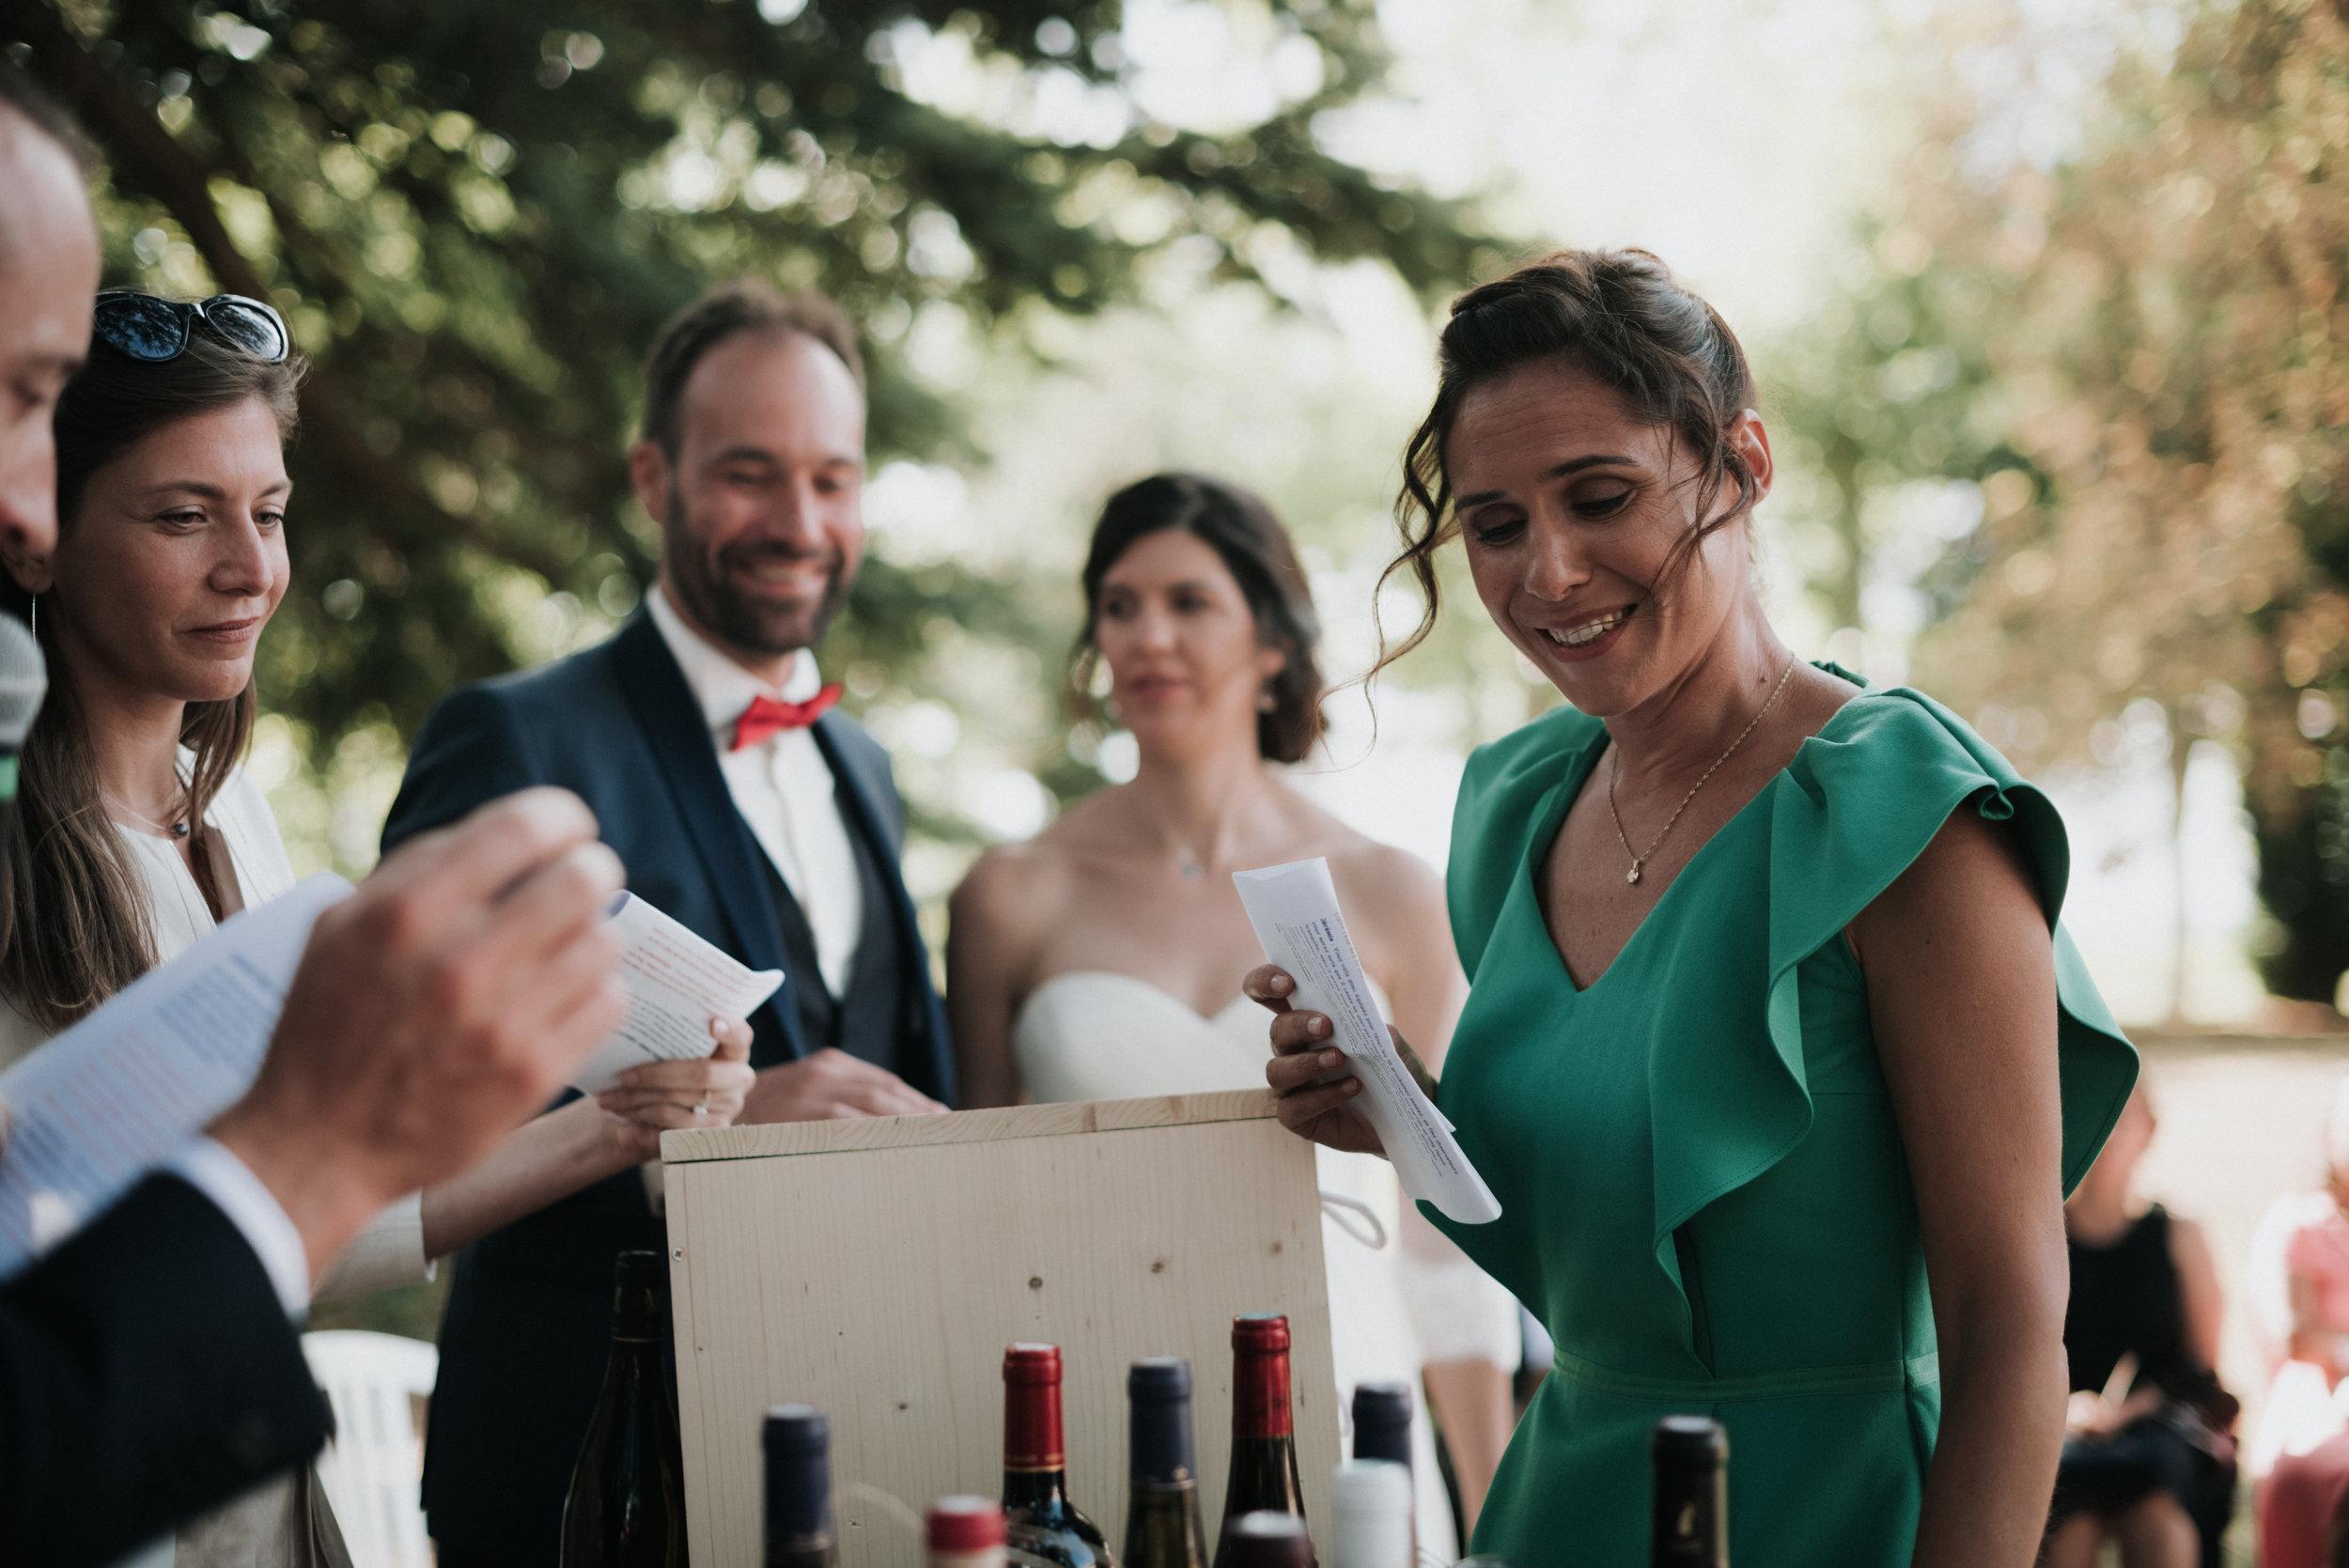 Léa-Fery-photographe-professionnel-lyon-rhone-alpes-portrait-creation-mariage-evenement-evenementiel-famille-8985.jpg